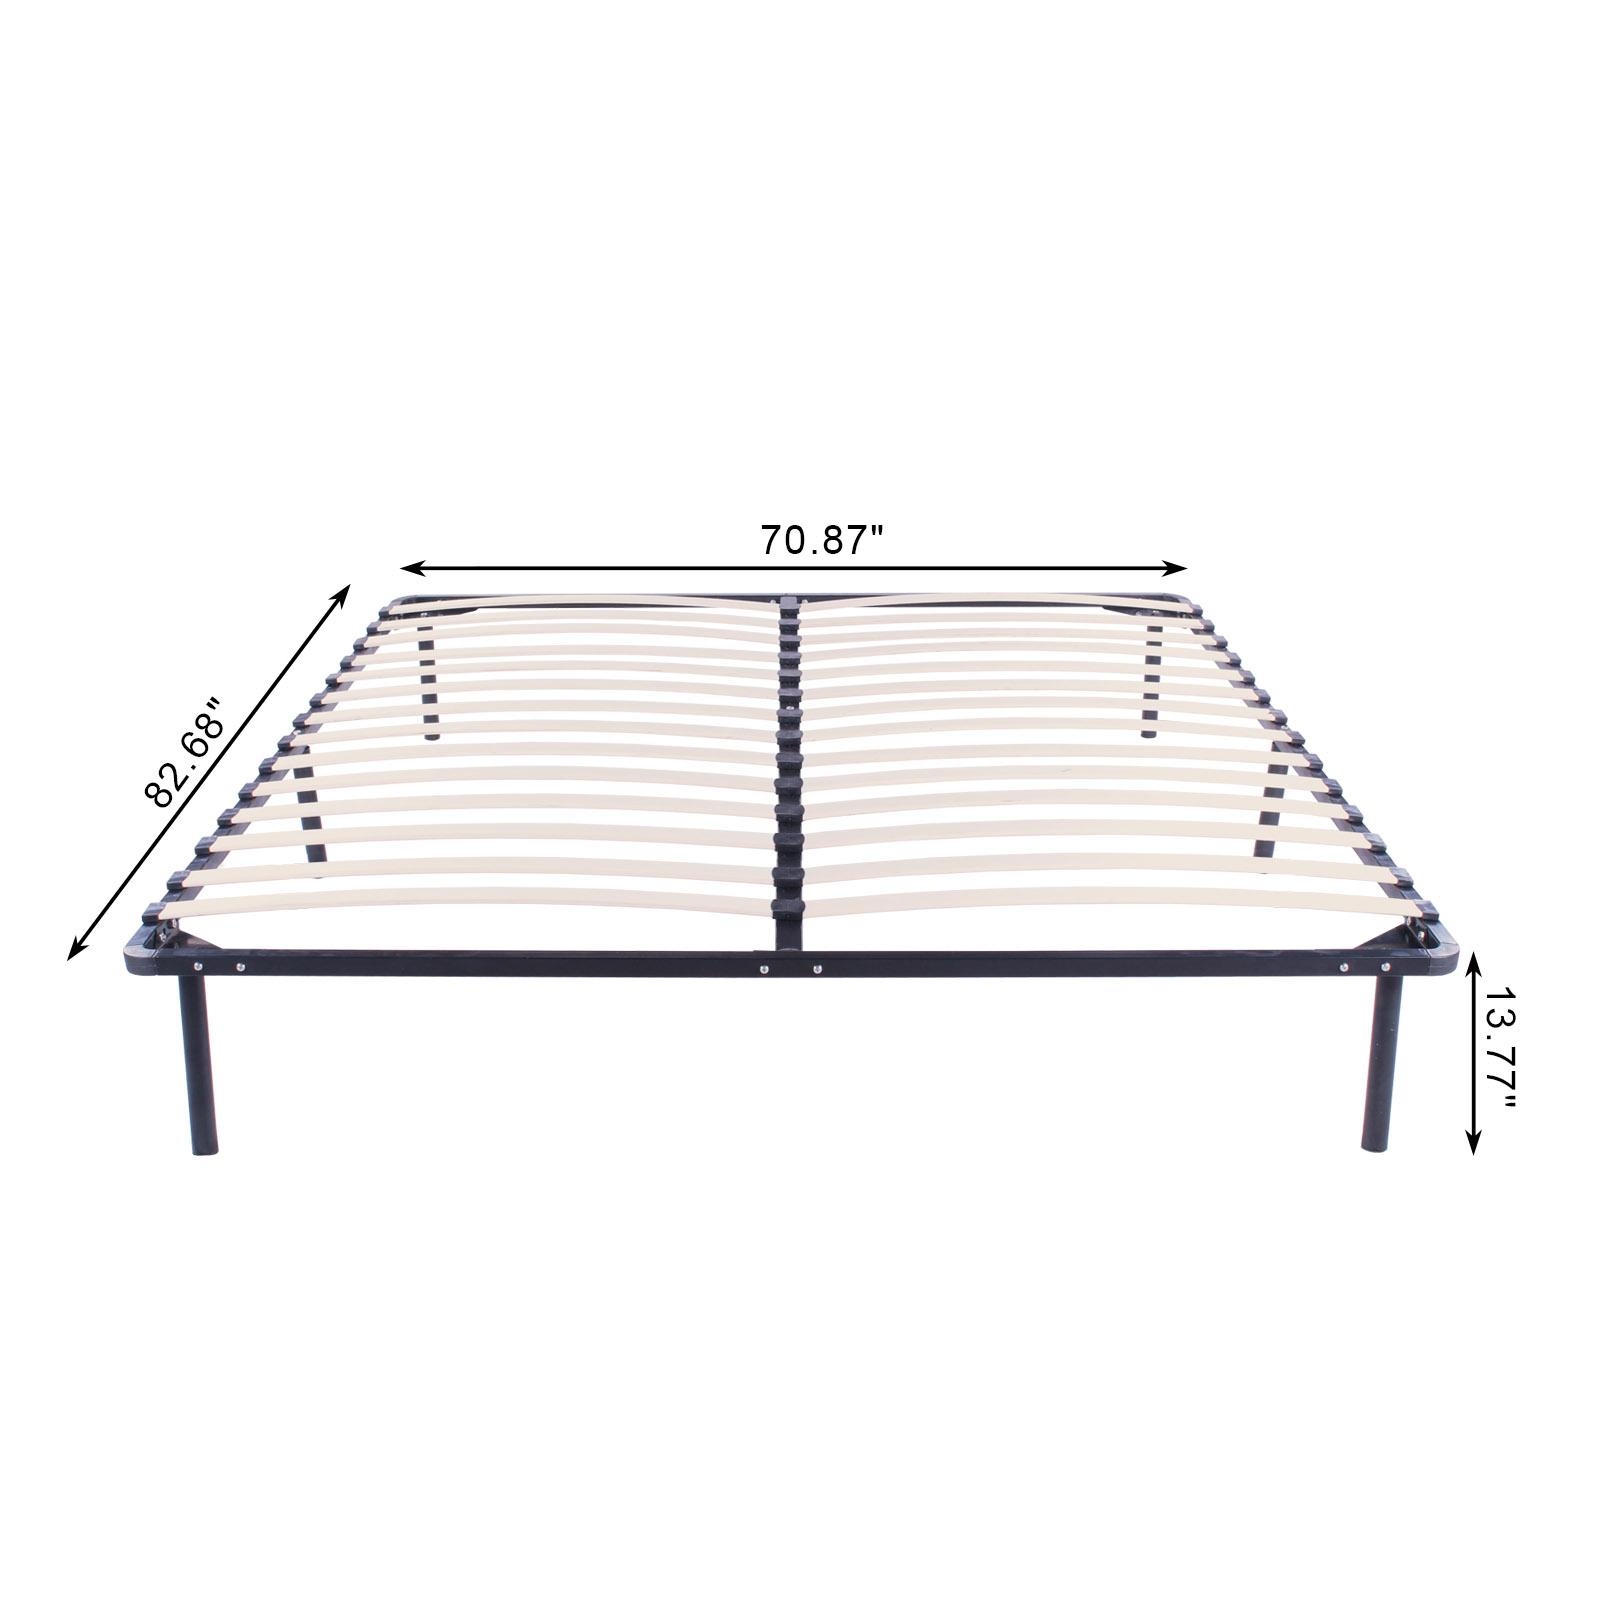 Full King Queen Size Wood Slats Metal Platform Bed Frame